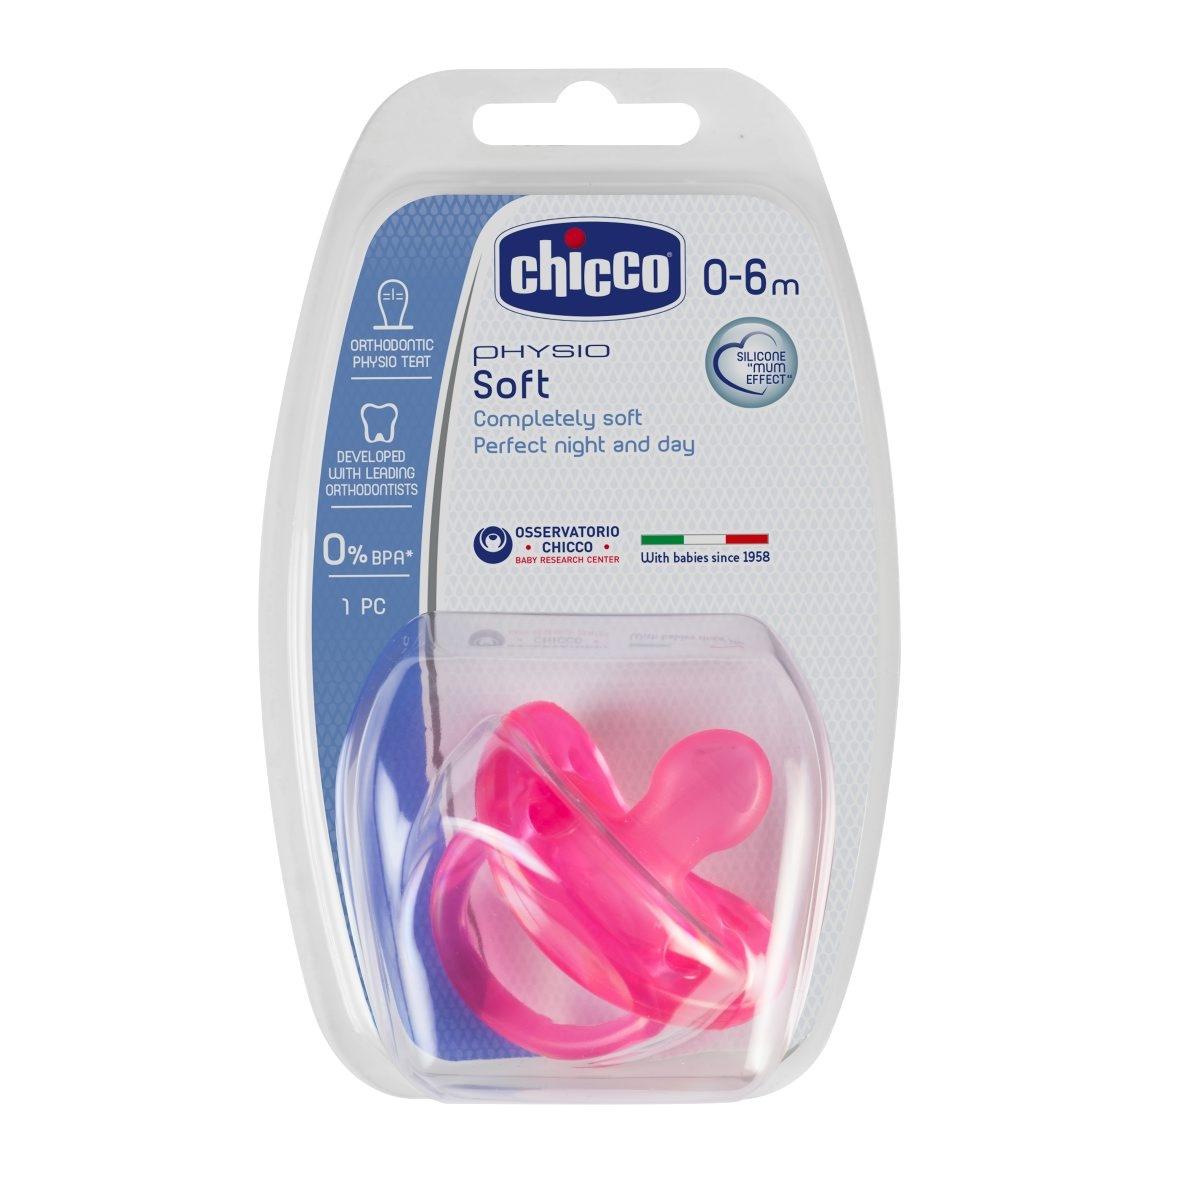 Chicco Šidítko Physio Soft celosilikónové, 0-6m+, růžové